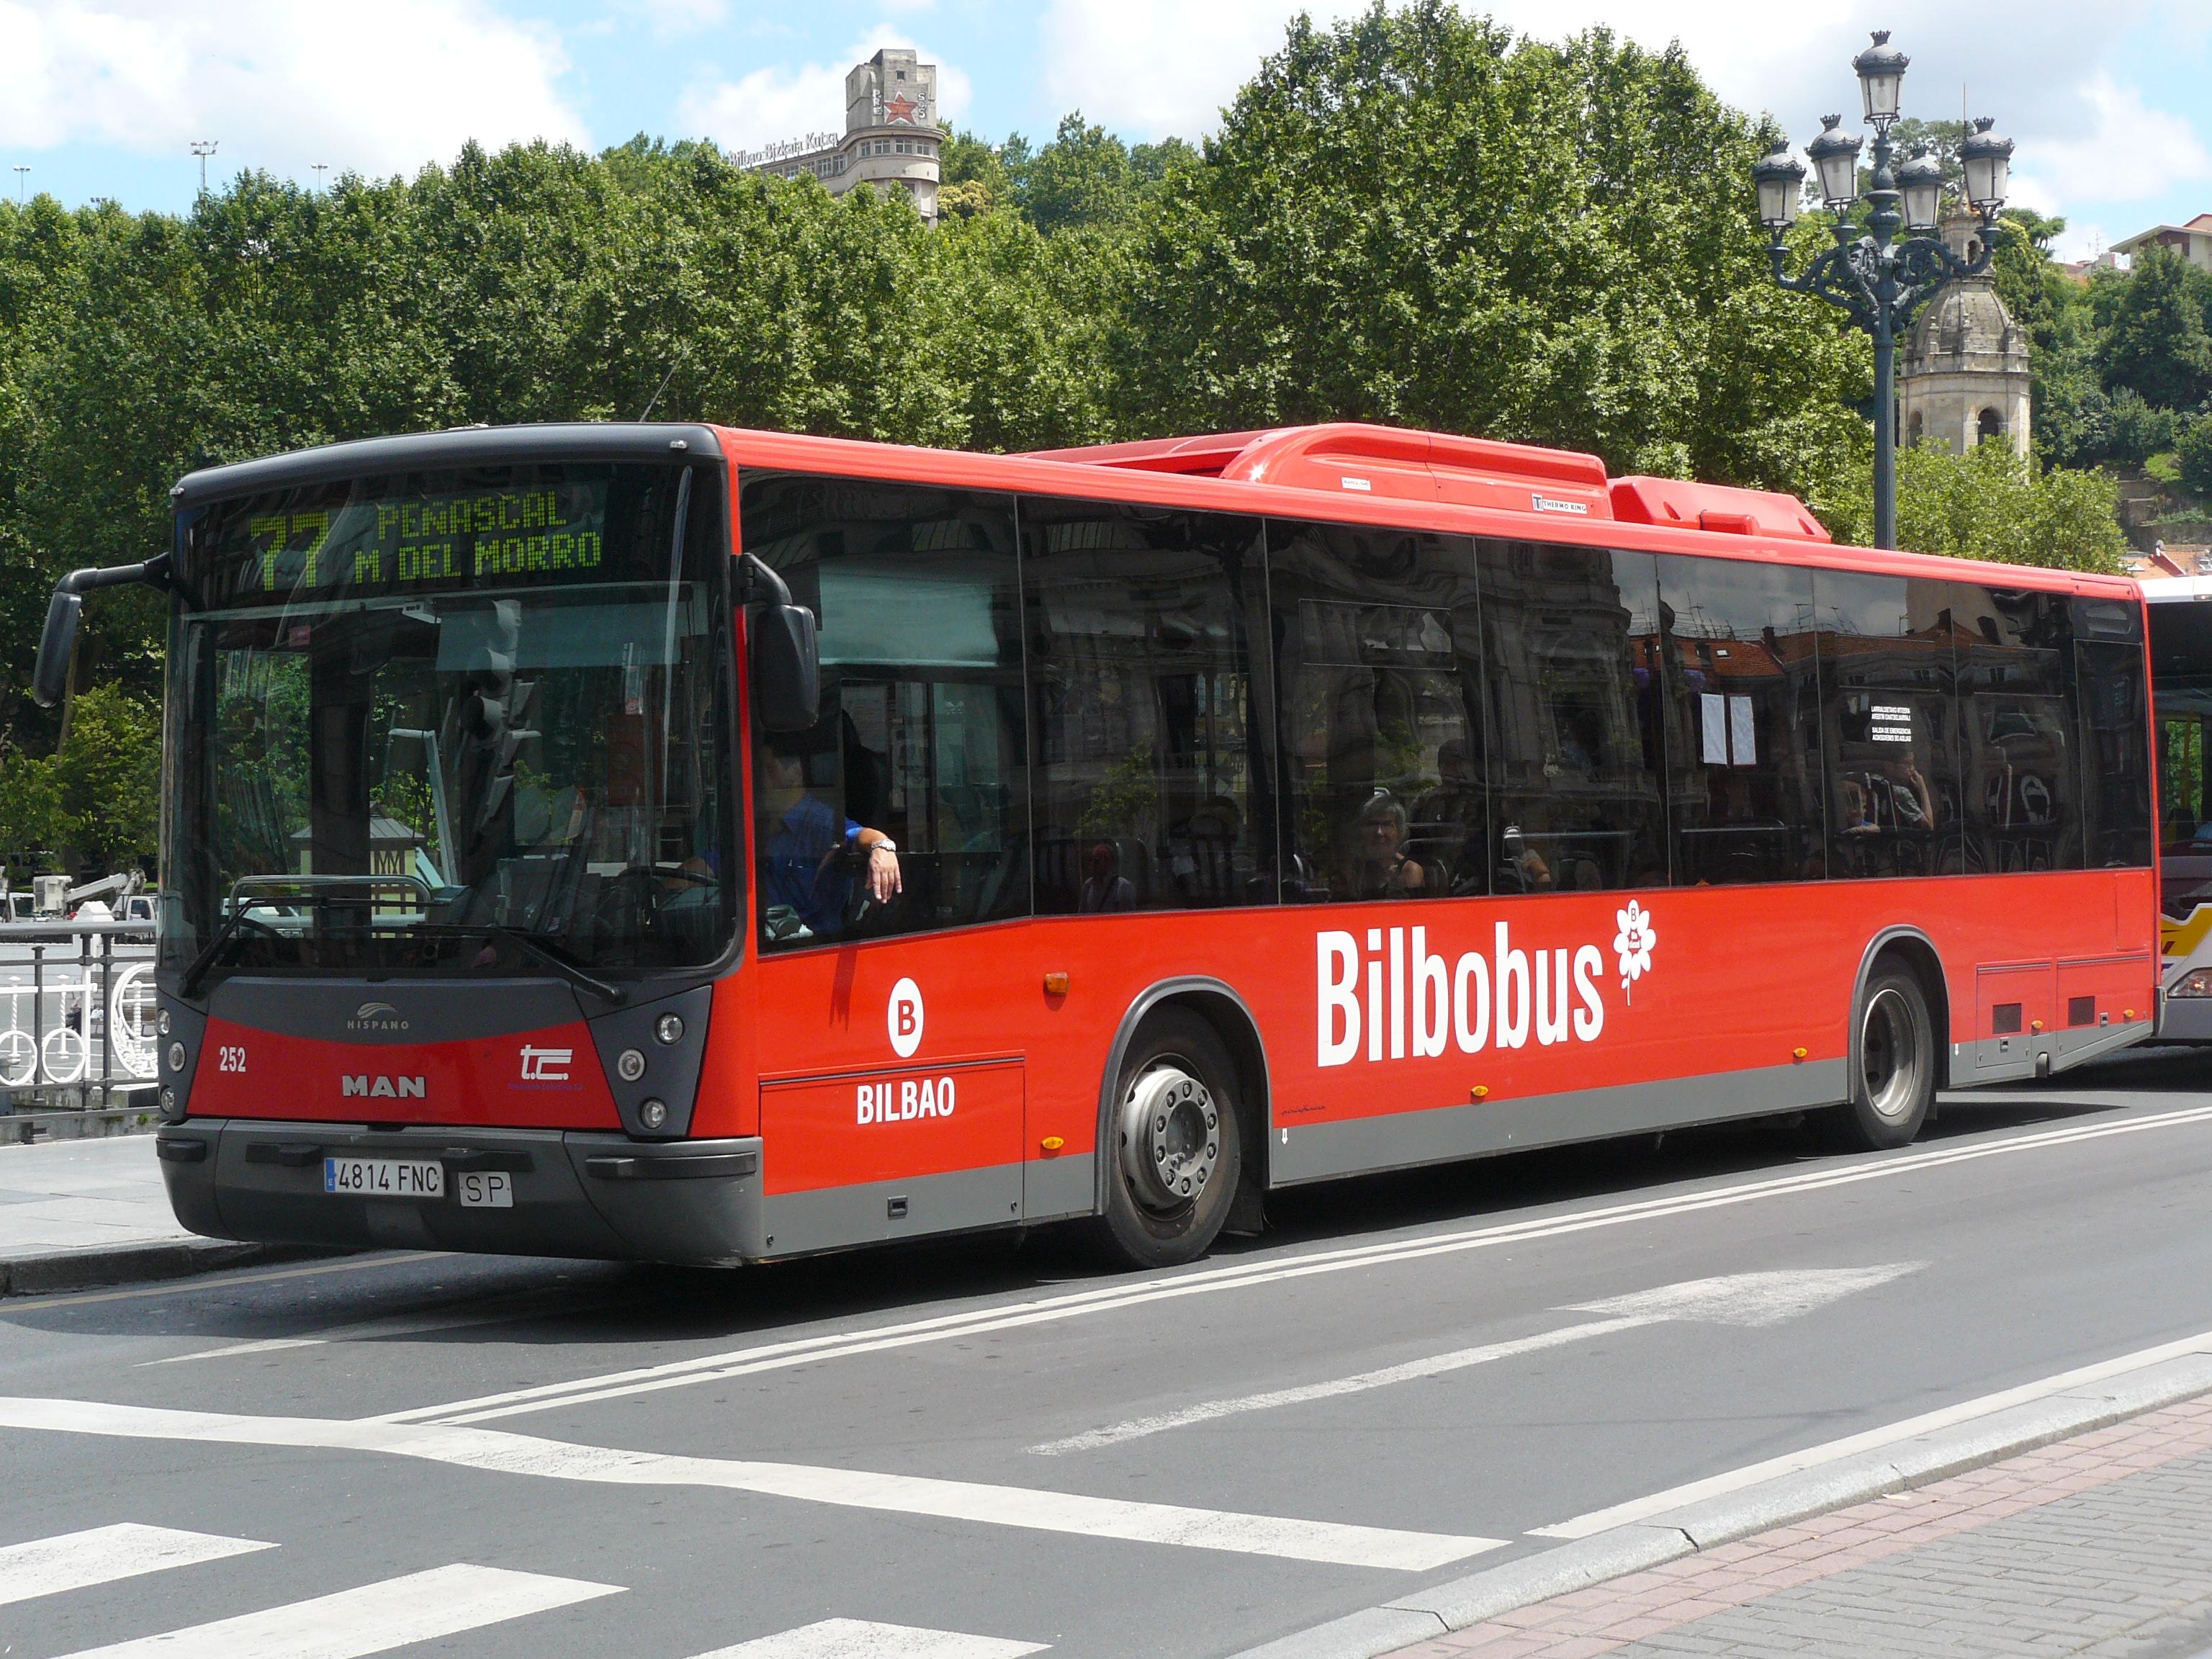 Depiction of Bilbobus